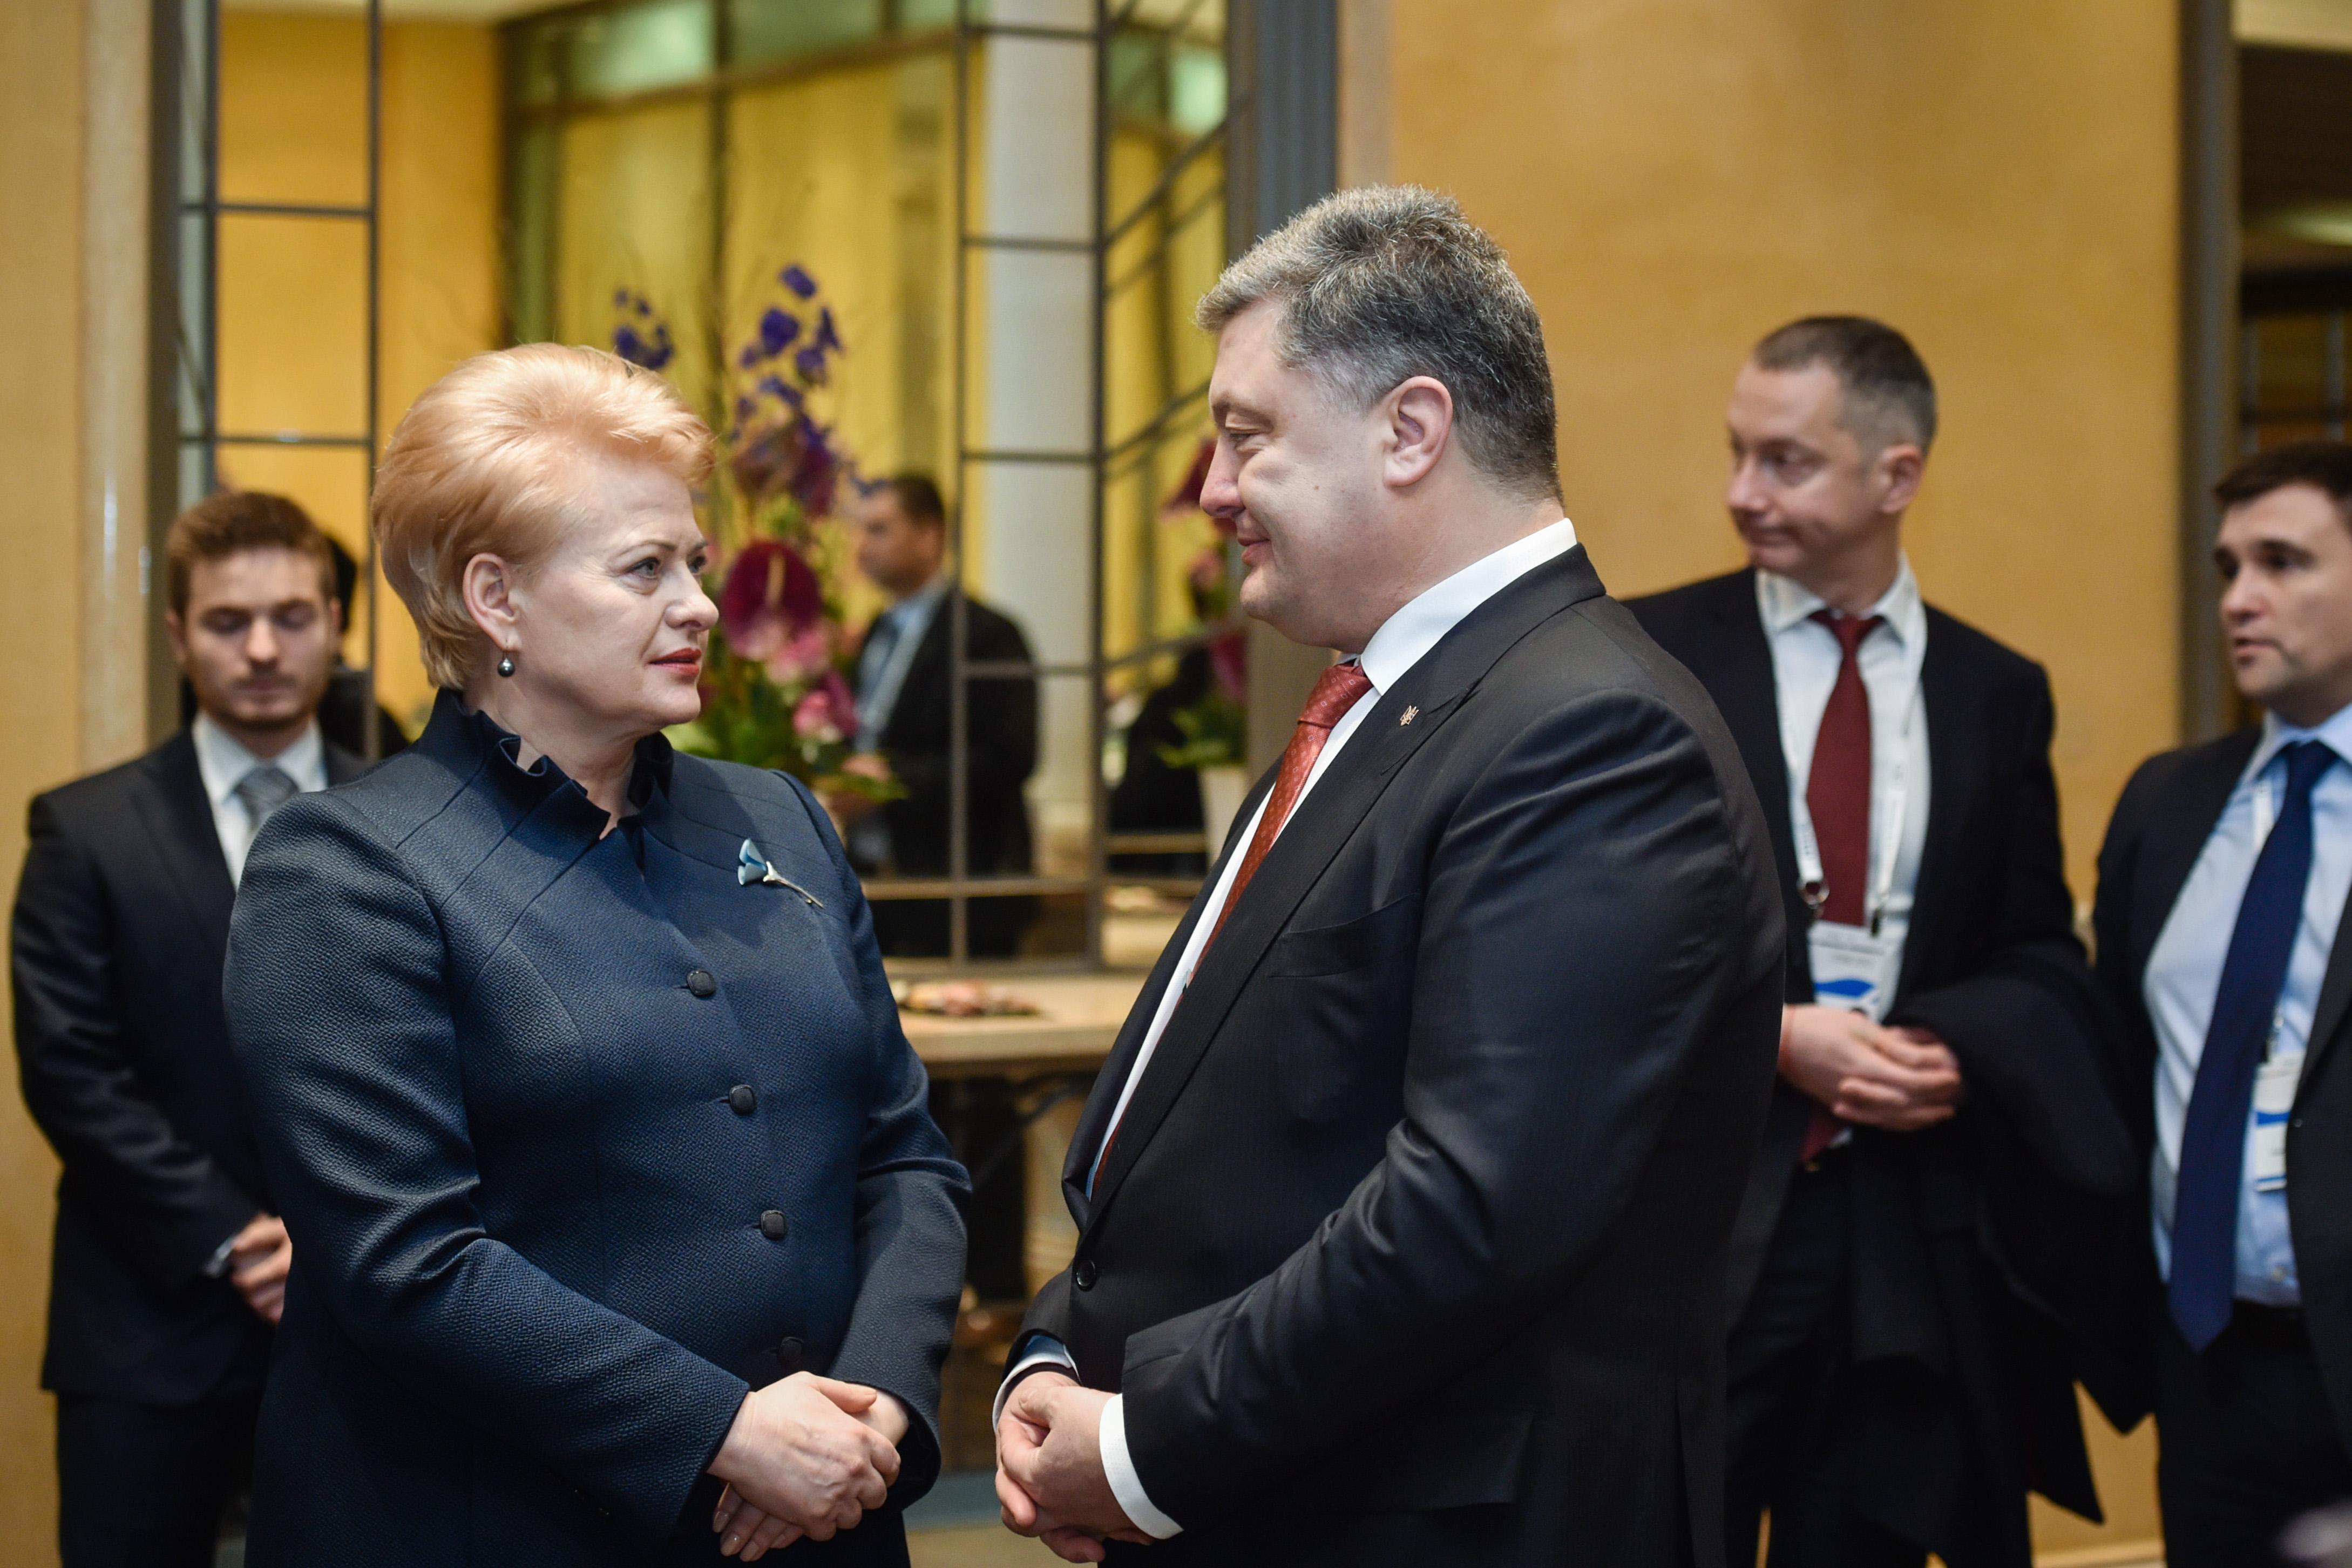 Порошенко в Мюнхене провел встречу с президентом Литвы Грибаускайте